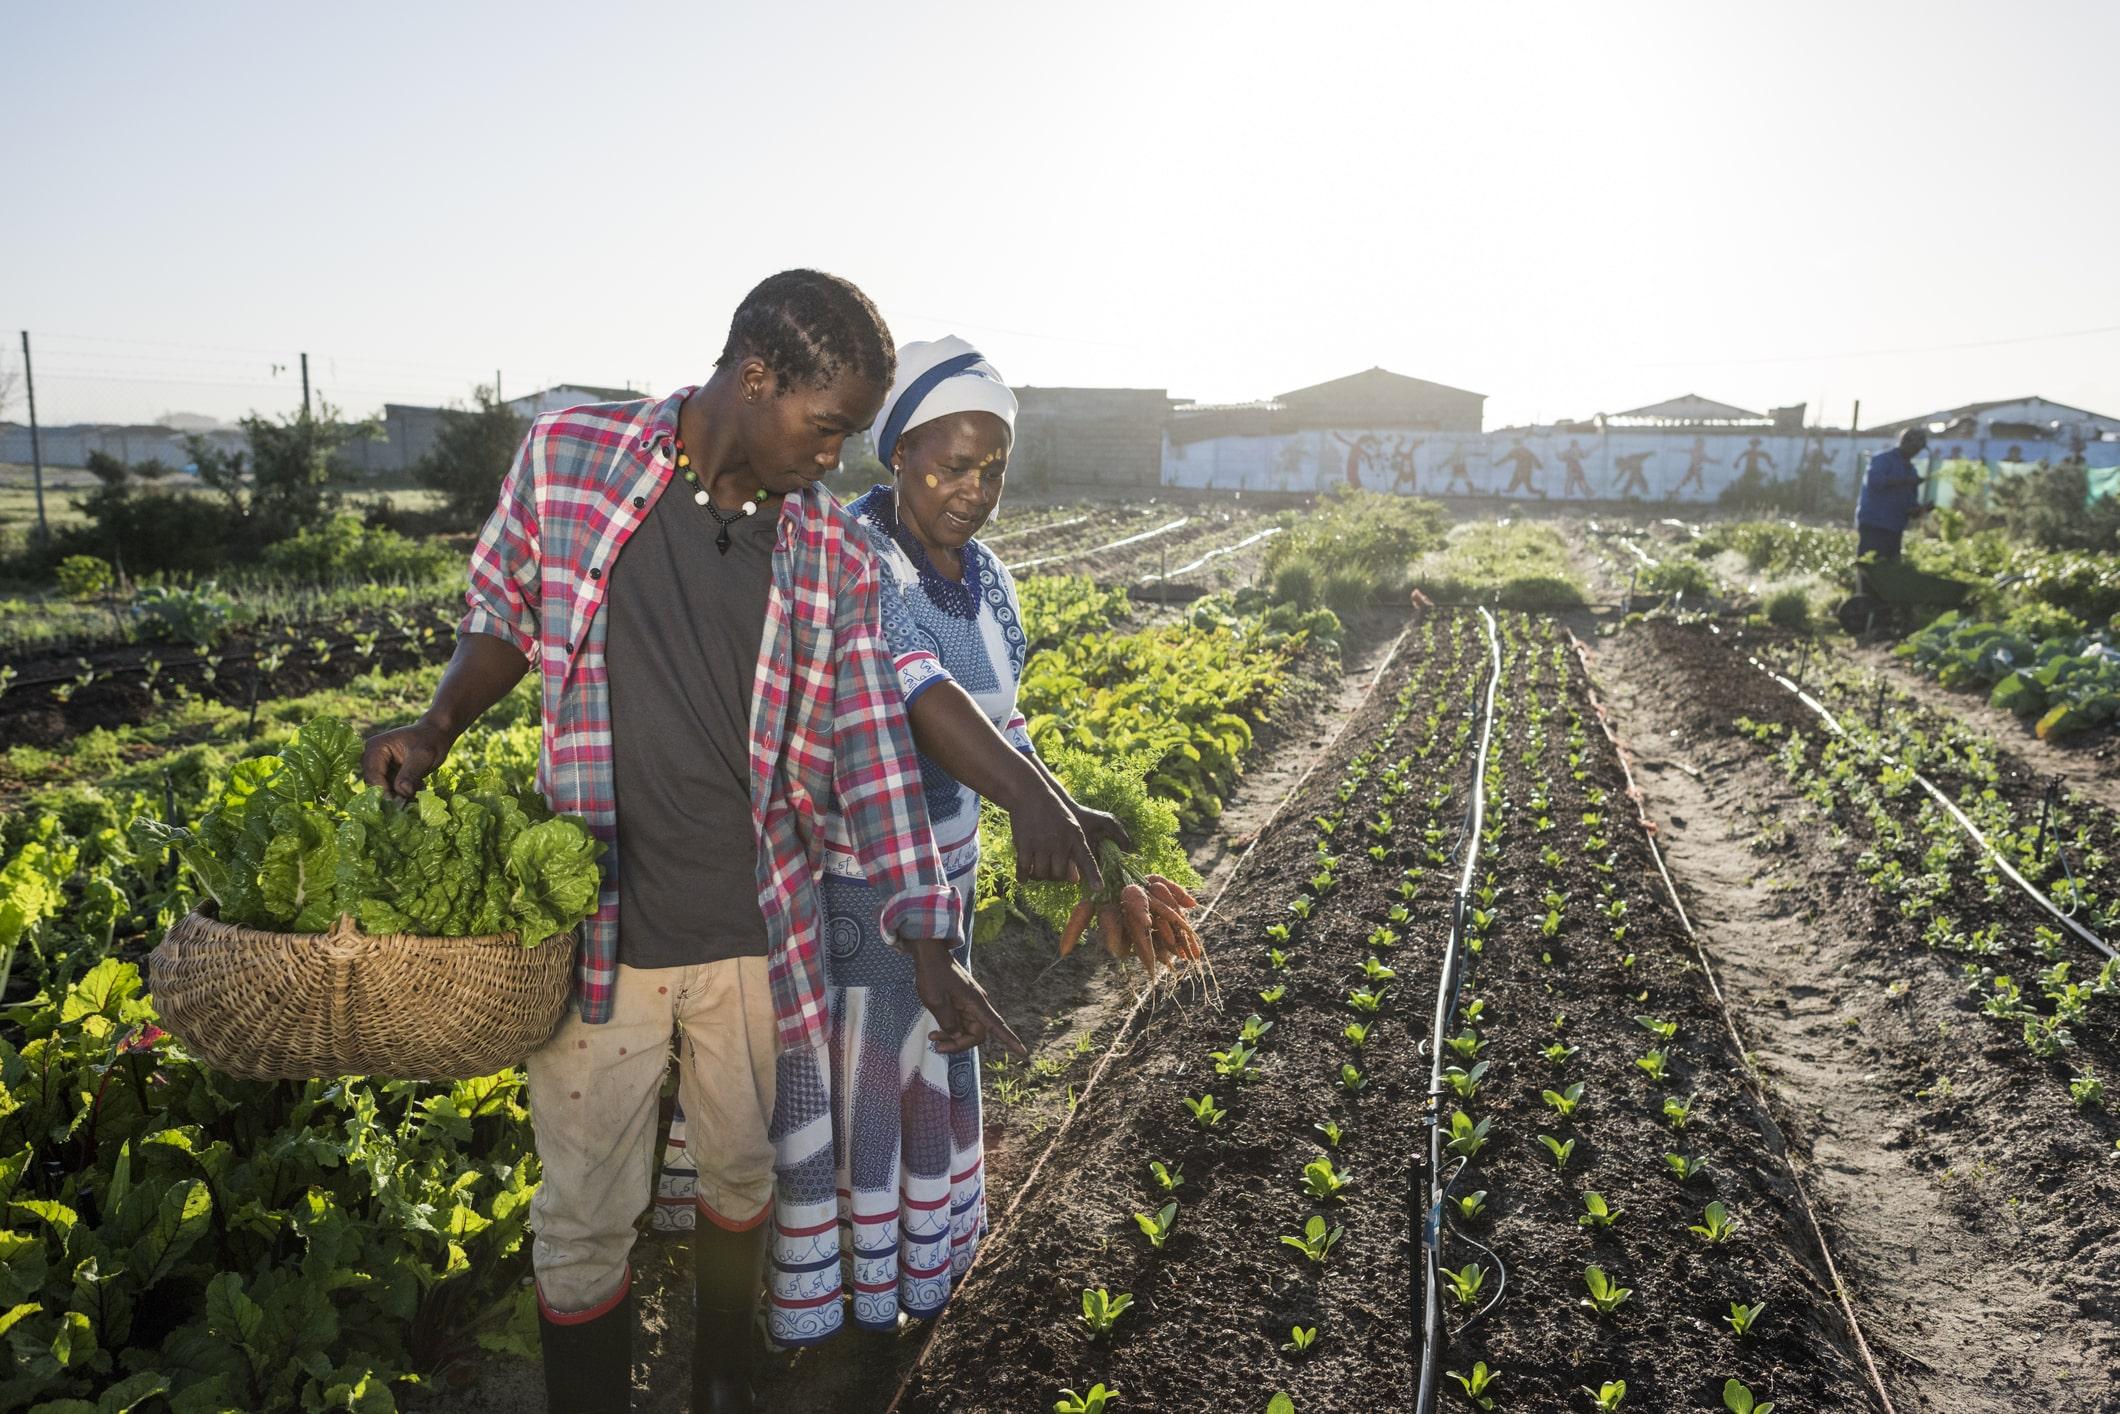 Sınır ötesi tarım yatırımı kavramını; başka bir ülkenin sınırları içerisindeki toprağın tarımsal üretim yapmak için kiralanması veya satın alınması olarak tarif etmek mümkündür.